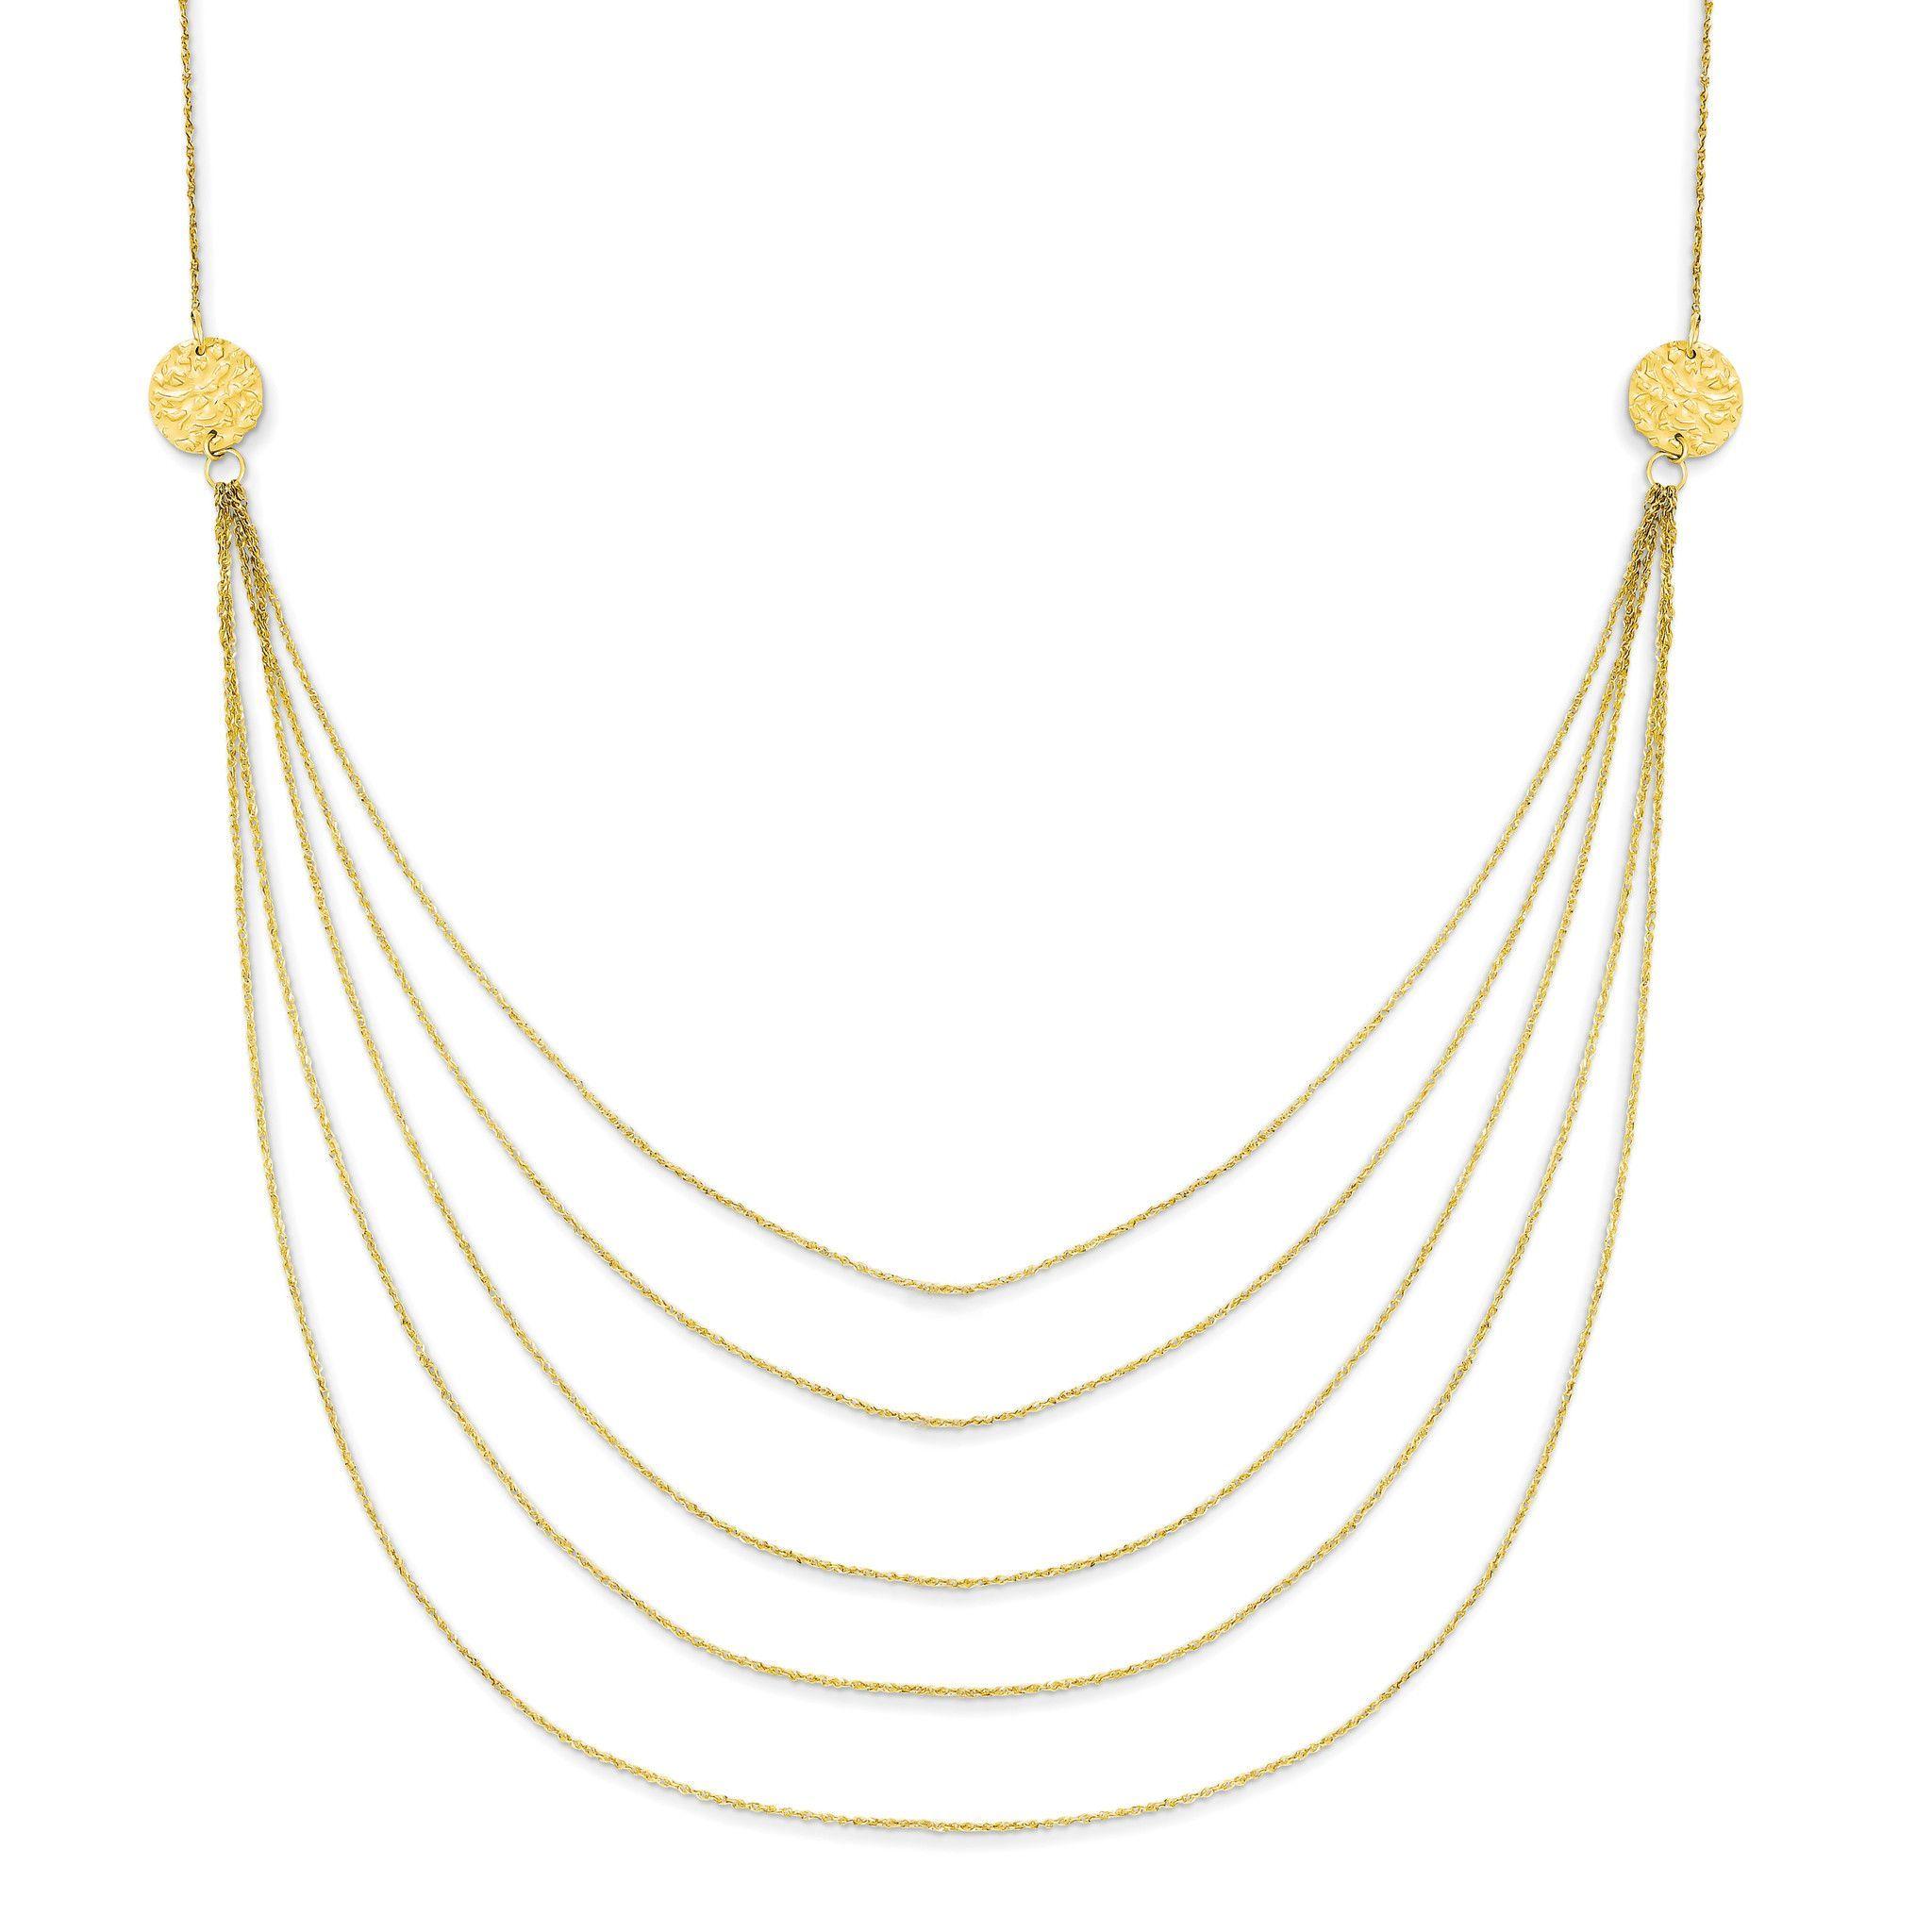 14k Five Strand Necklace